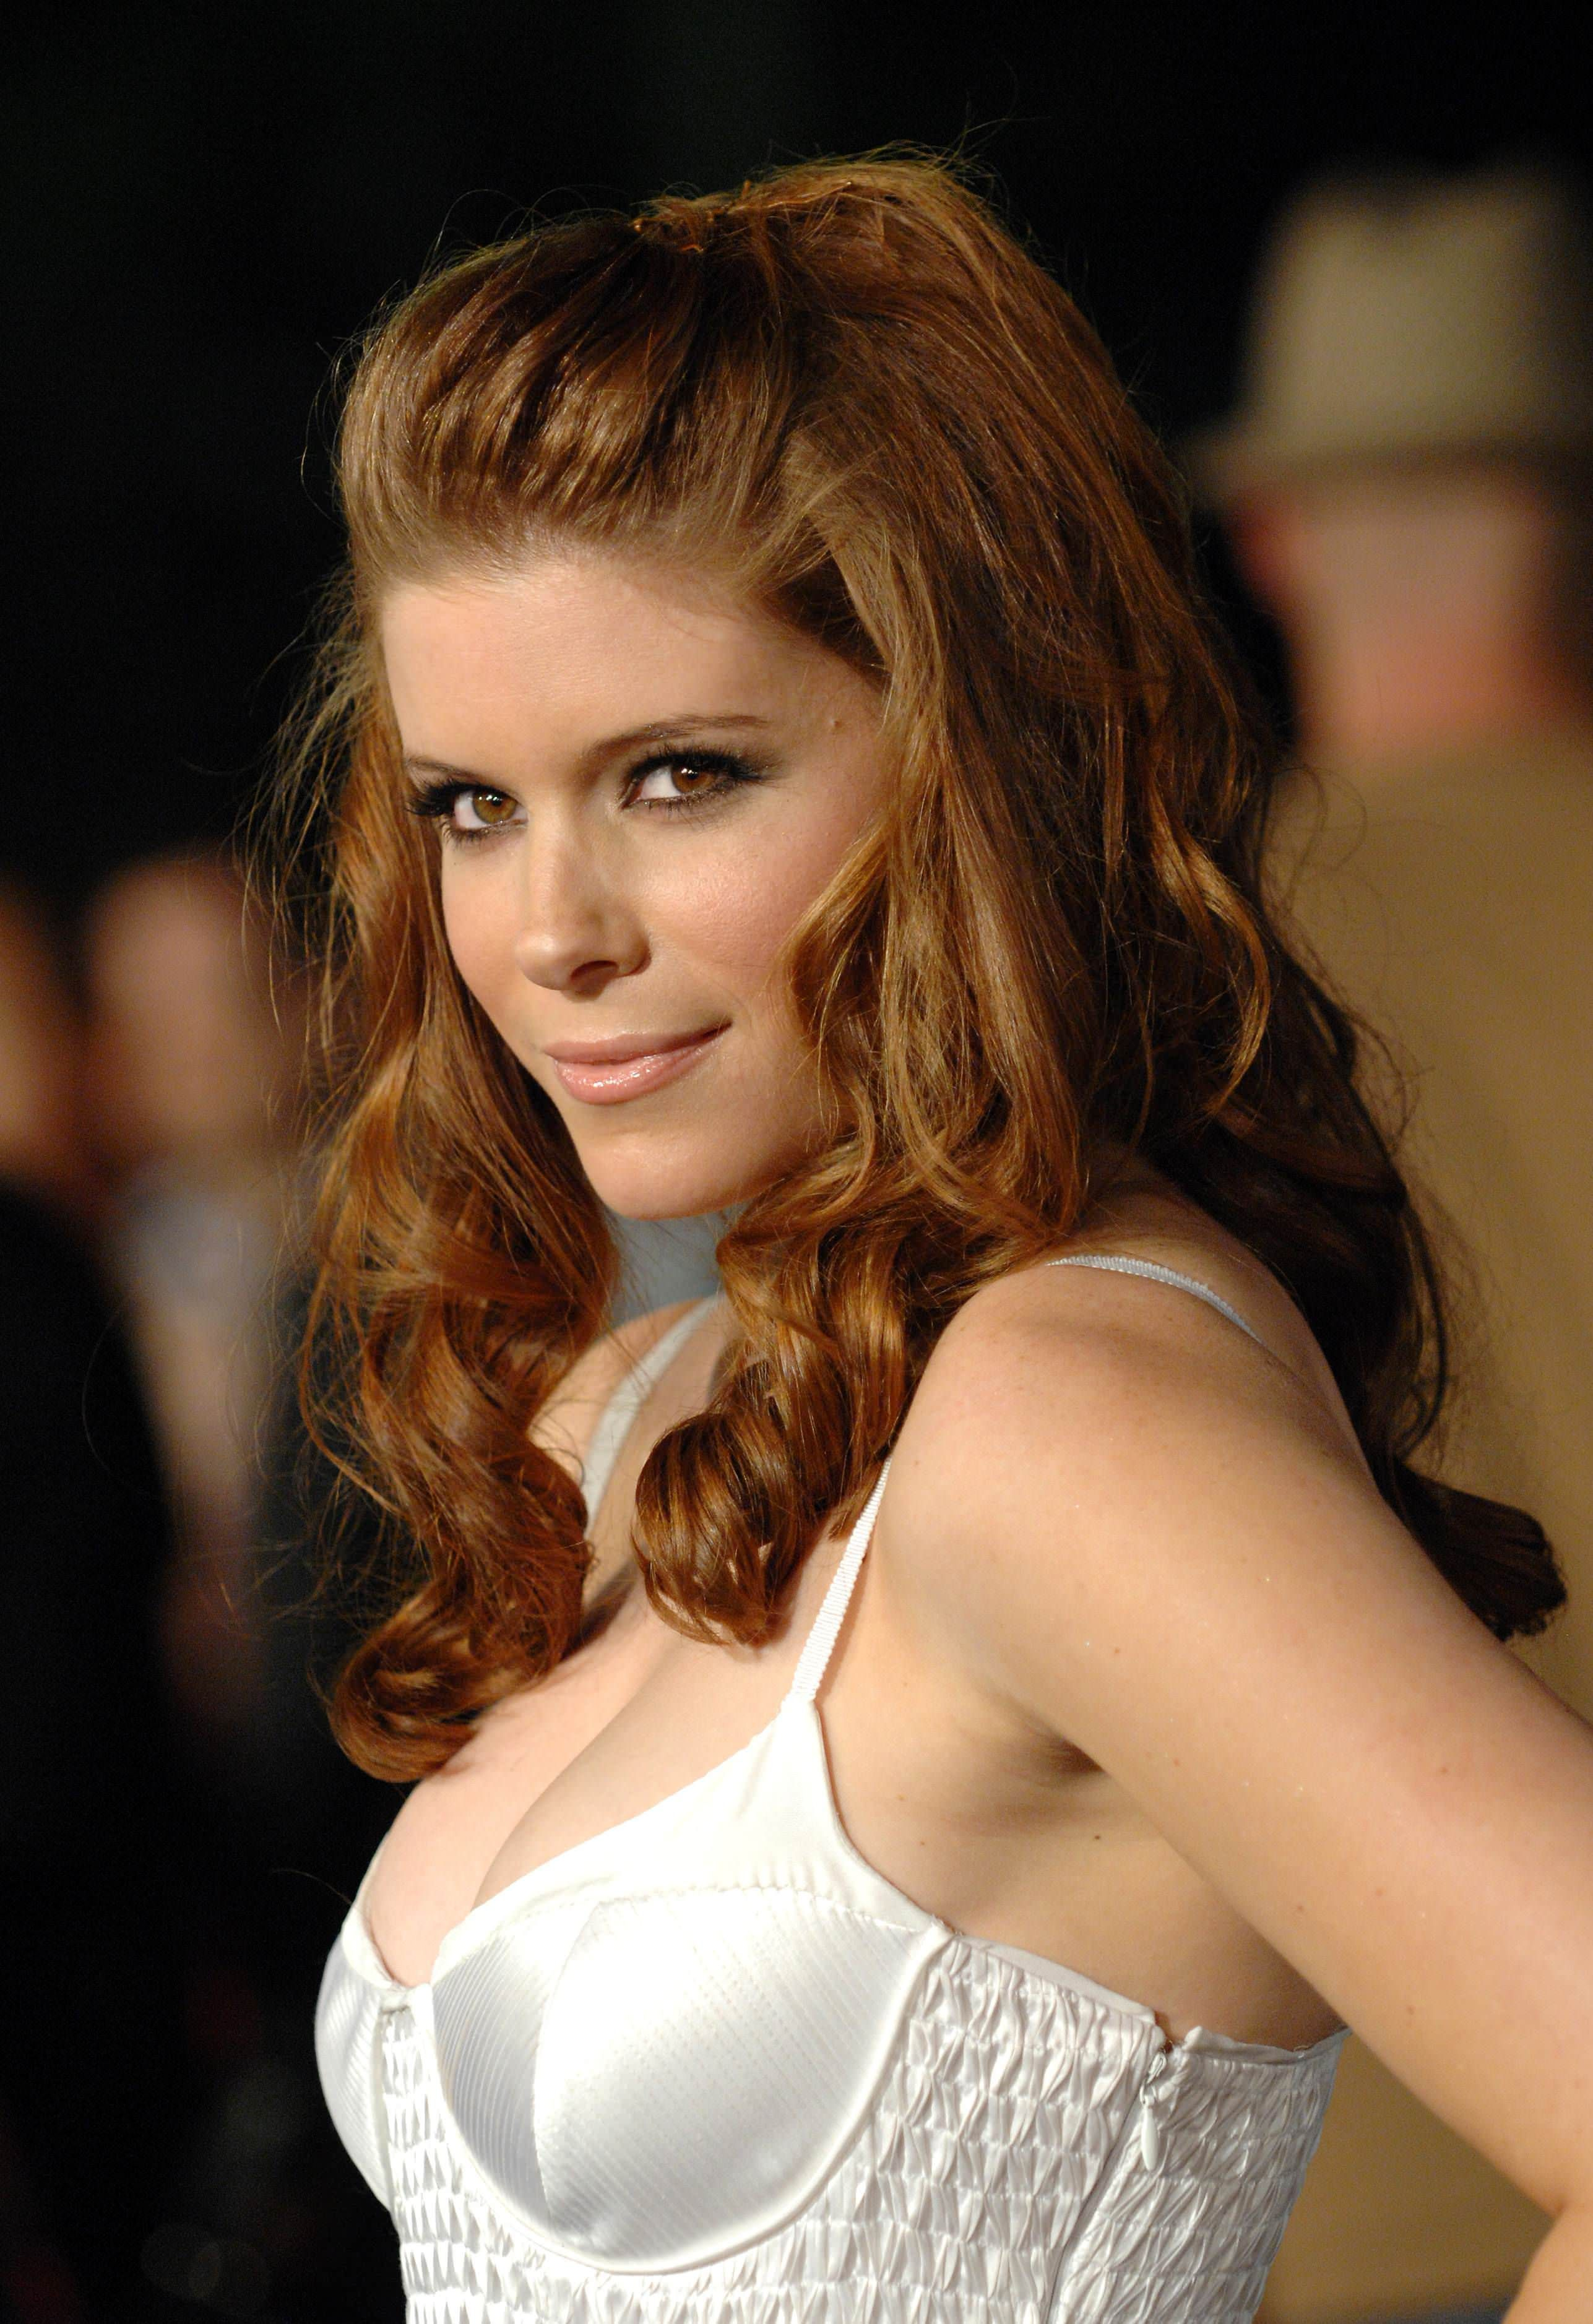 women porn Redhead